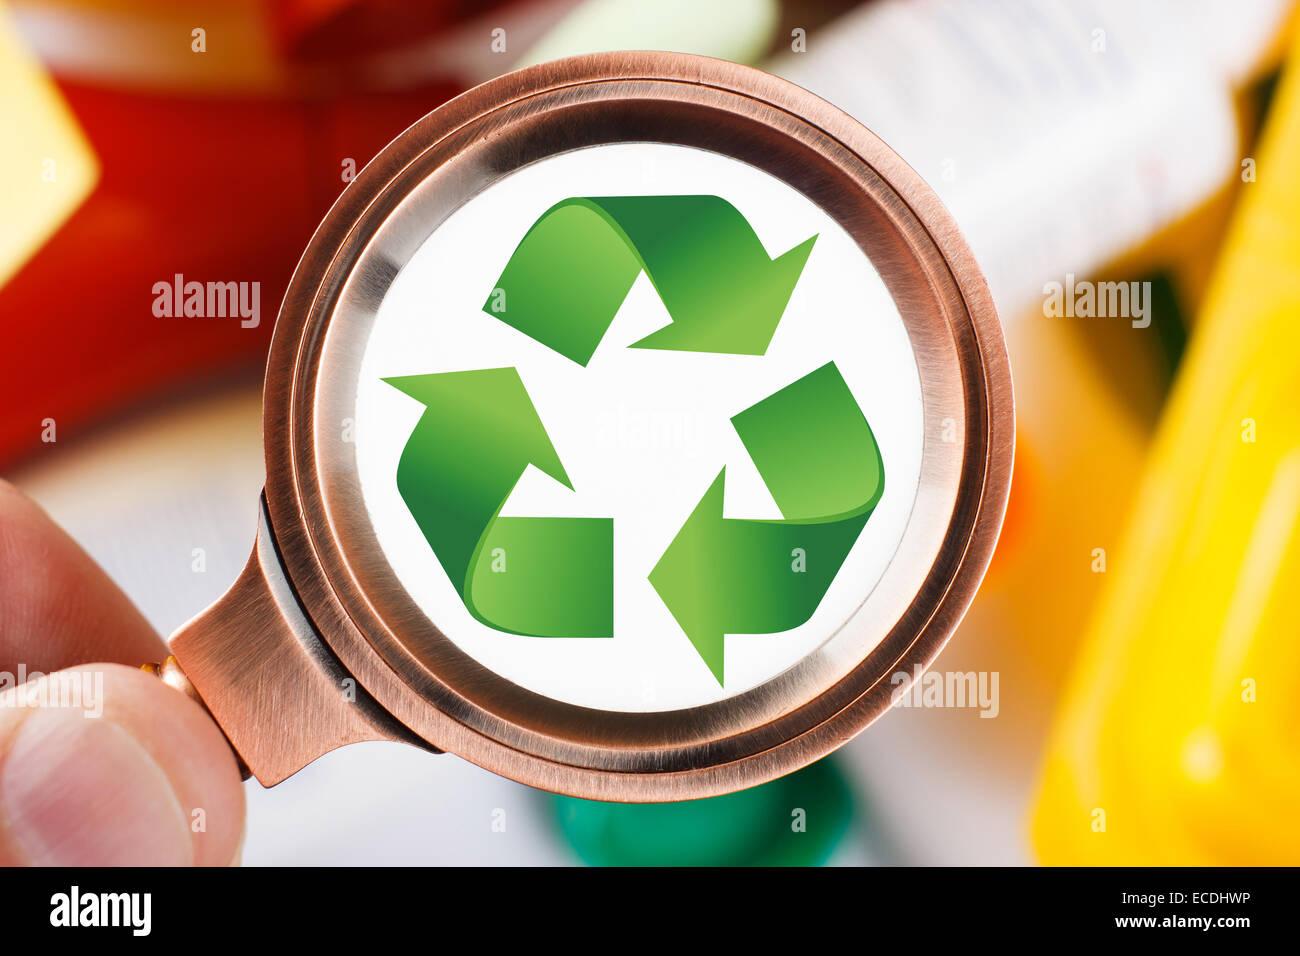 Les hommes à la recherche d'un symbole de recyclage sur les déchets plastiques Photo Stock